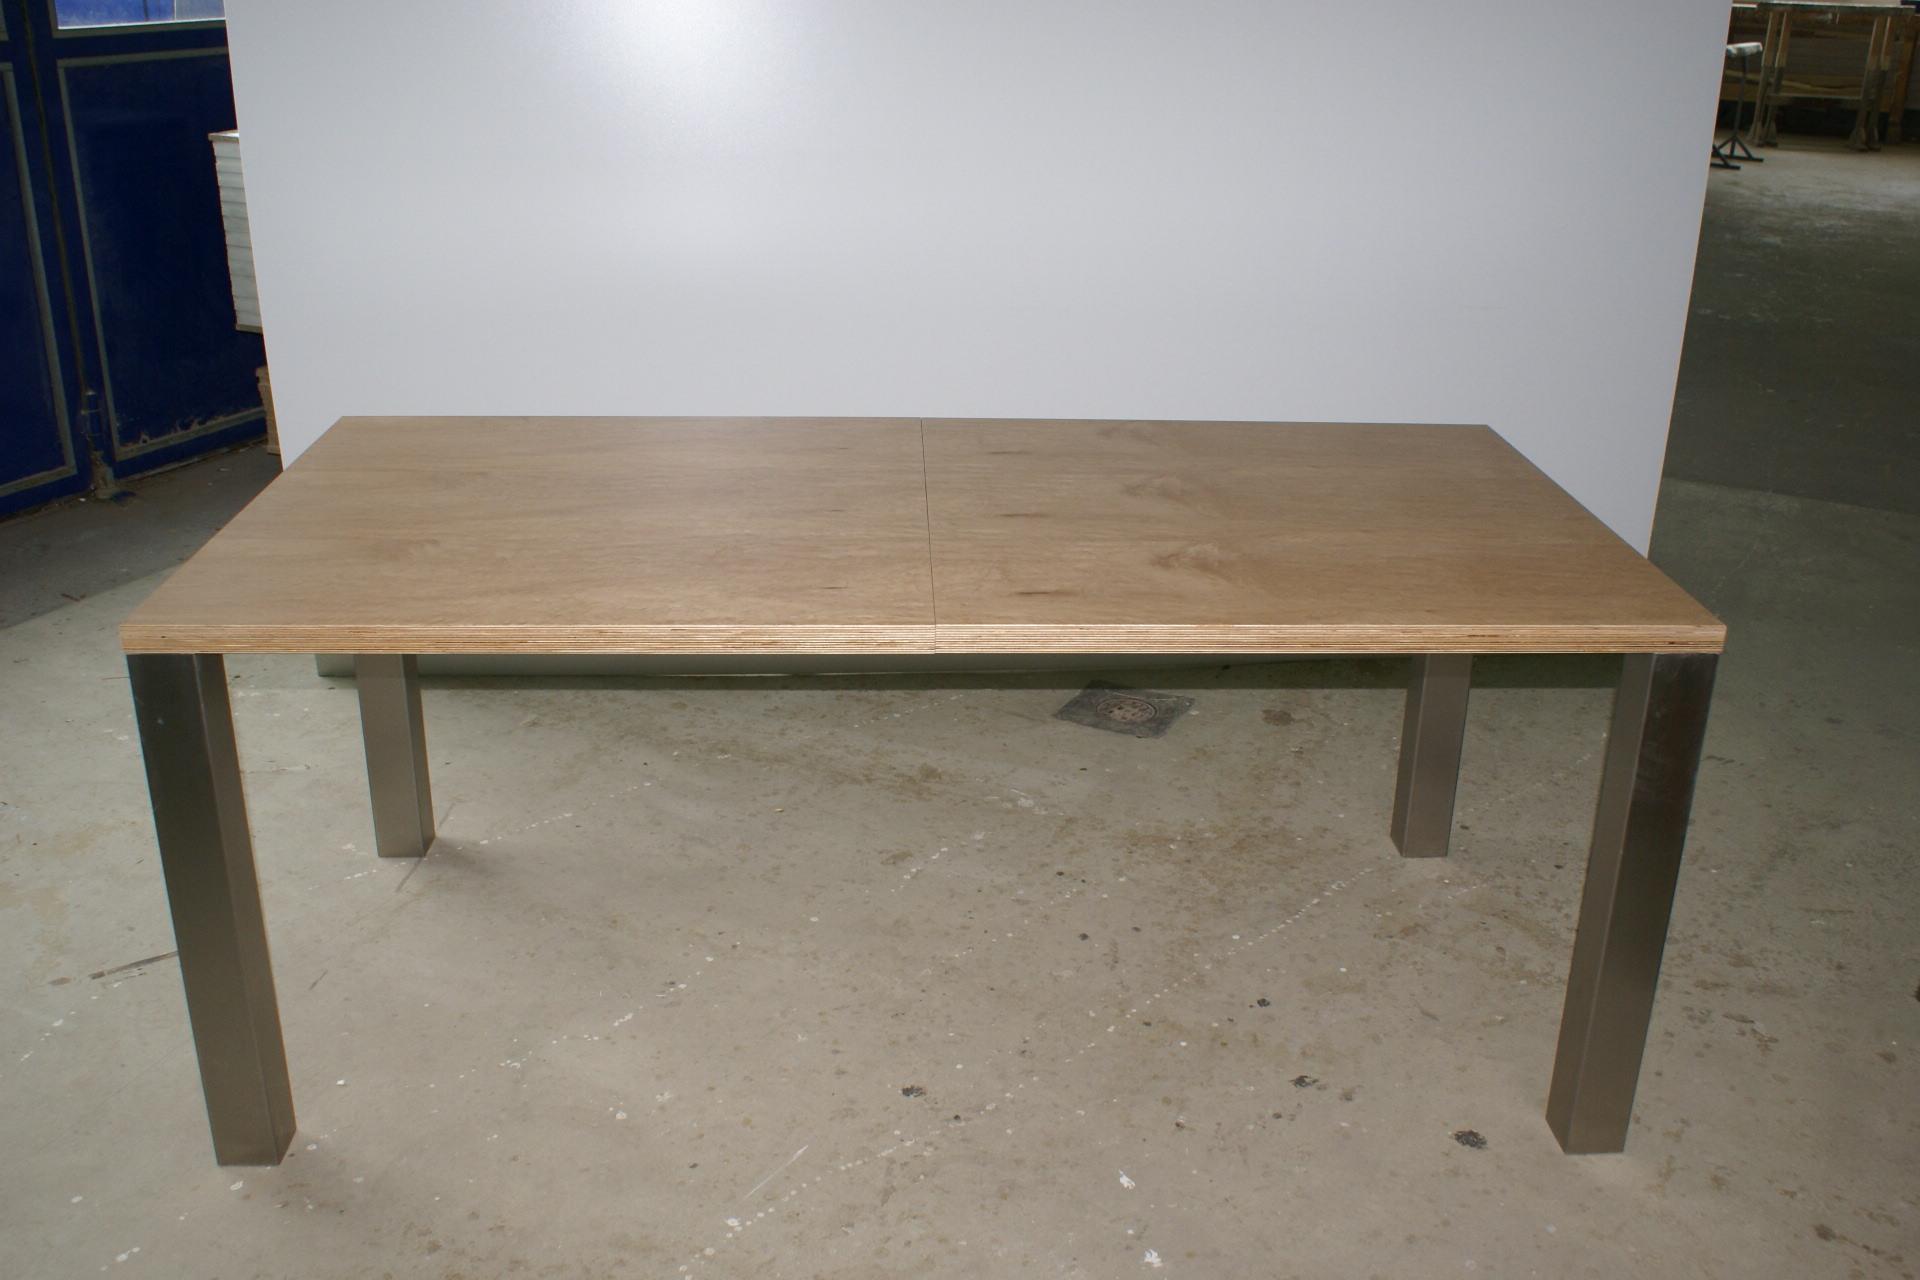 tisch zum ausziehen best antiker tisch zum ausziehen with tisch zum ausziehen enorm tisch zum. Black Bedroom Furniture Sets. Home Design Ideas